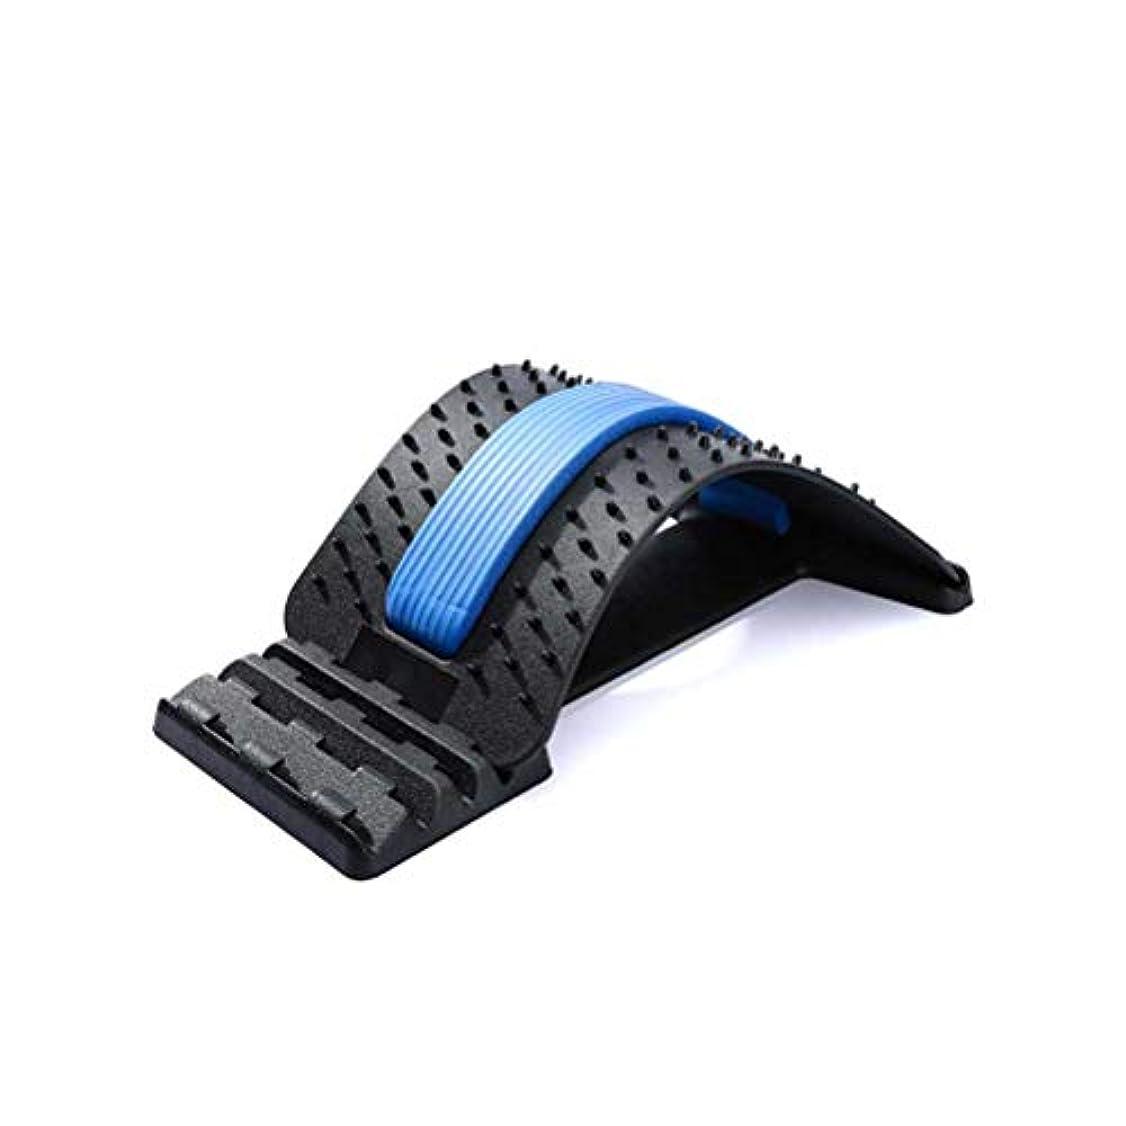 クッション迅速おそらくHealifty バックストレッチャー脊椎の痛みを軽減する腰椎牽引ストレッチングデバイス姿勢矯正具